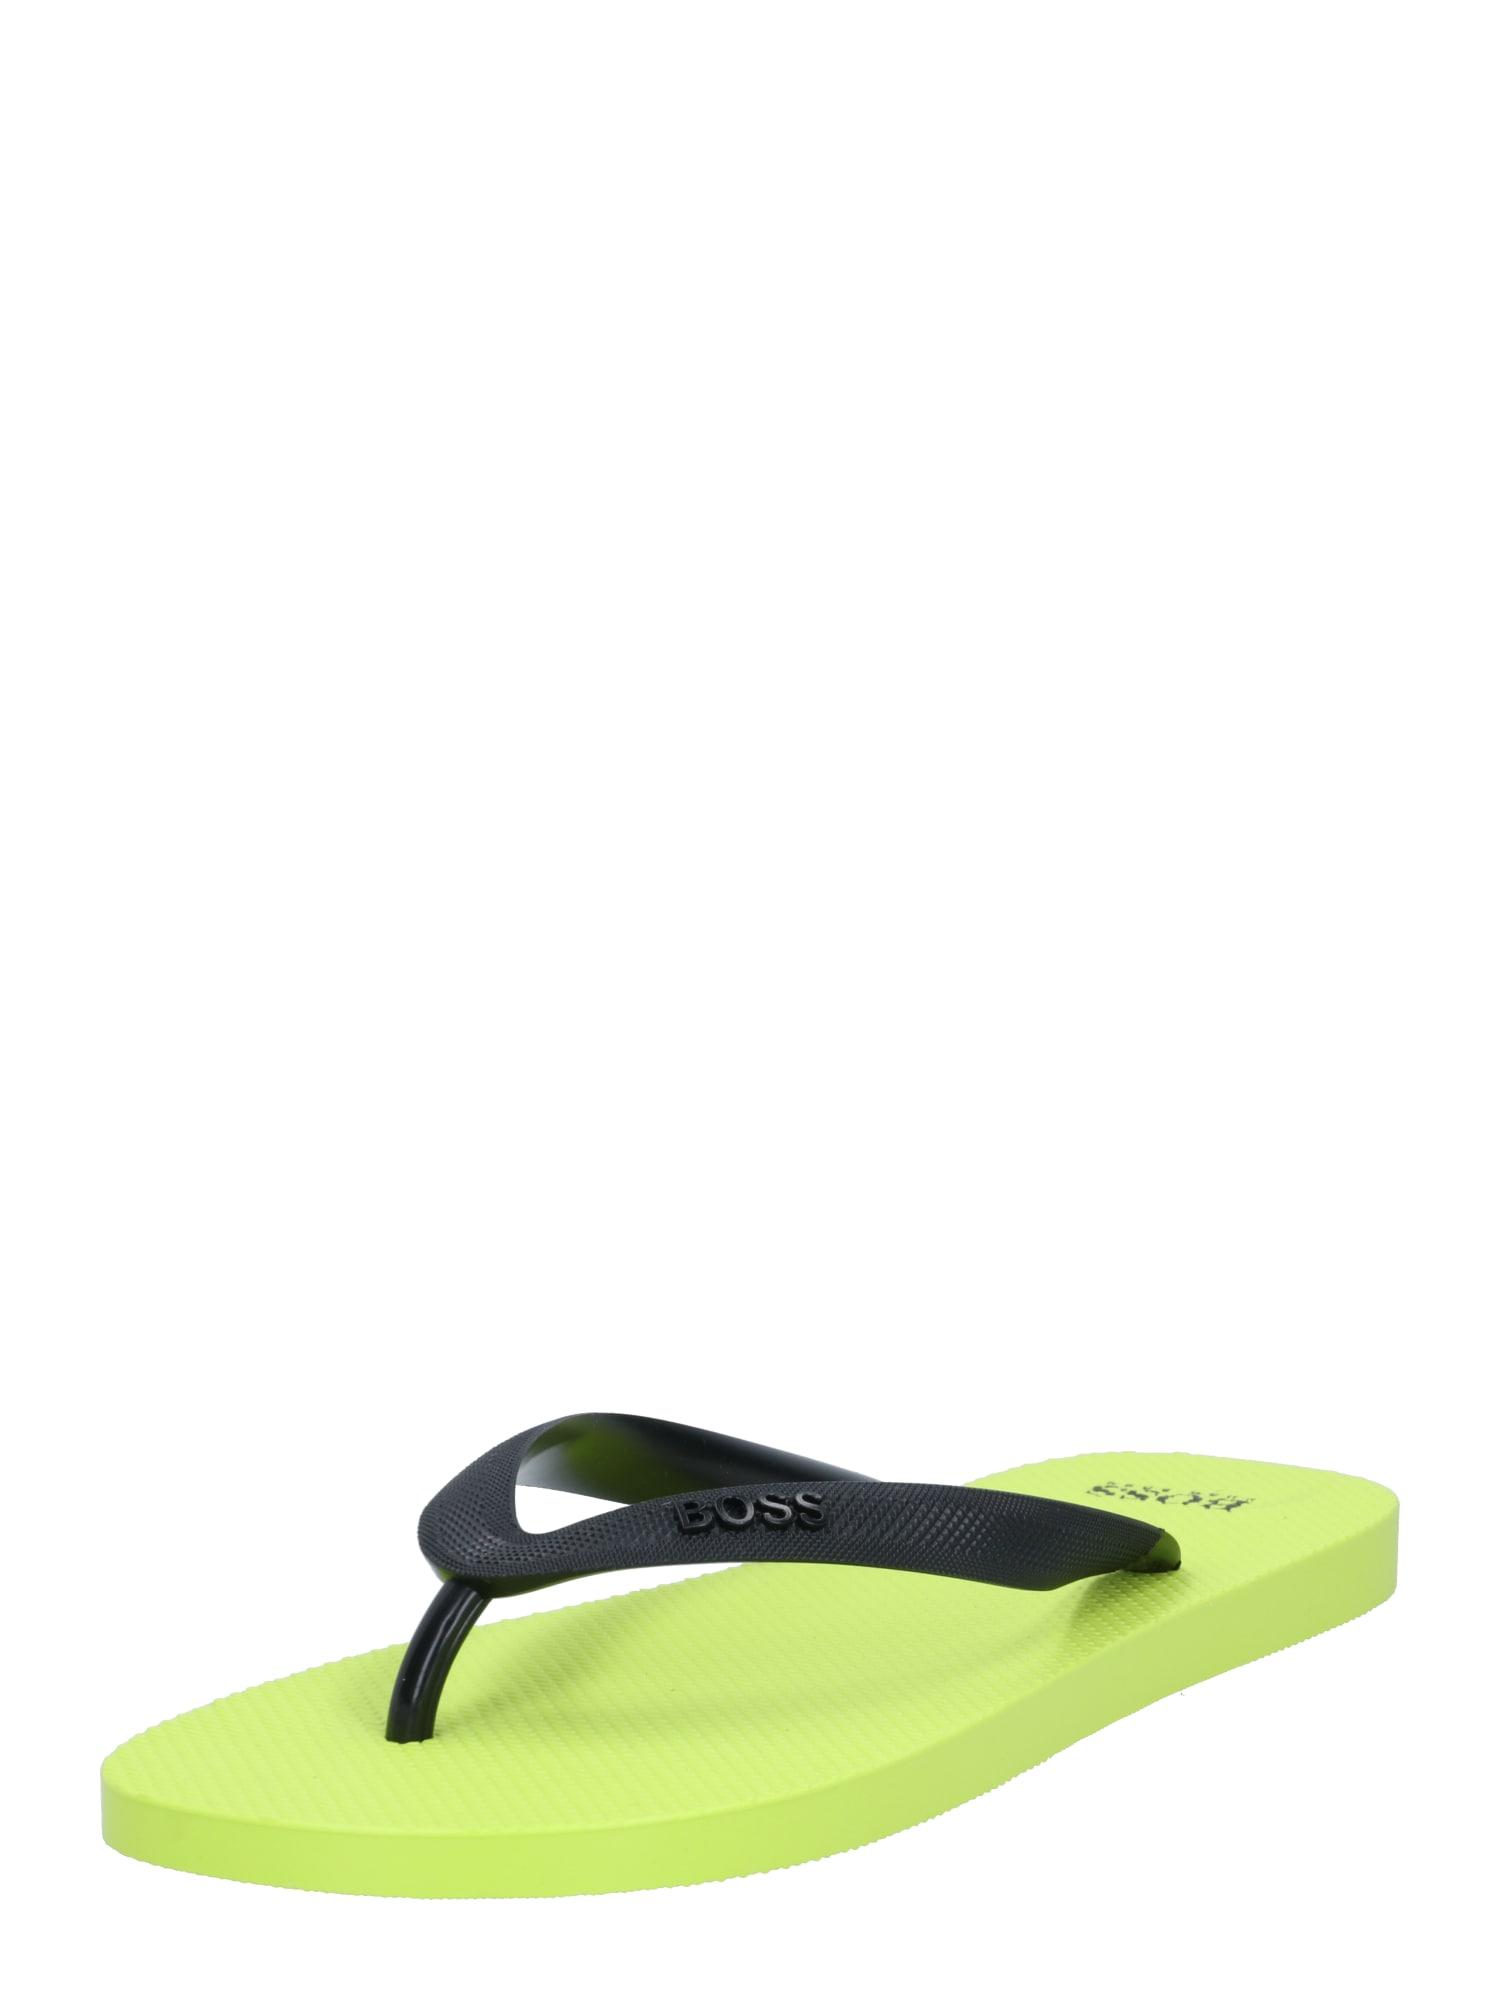 BOSS Šlepetės per pirštą neoninė žalia / juoda